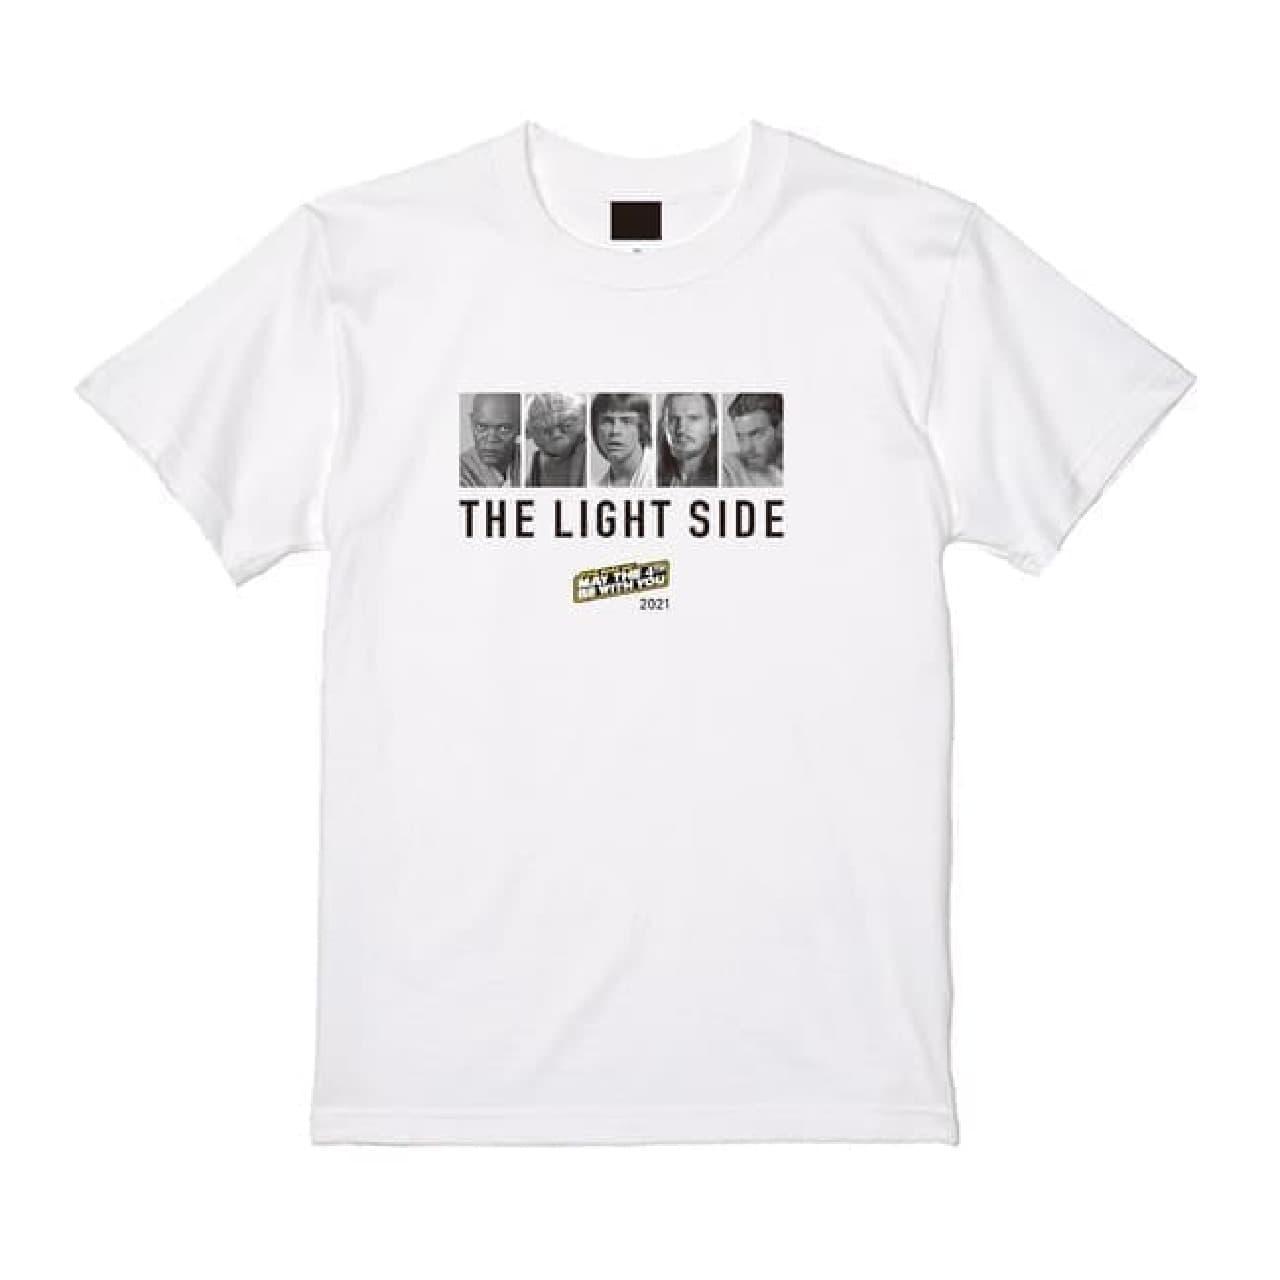 「スター・ウォーズの日」限定Tシャツ登場 -- 5月4日「スター・ウォーズの日」イベント開催記念